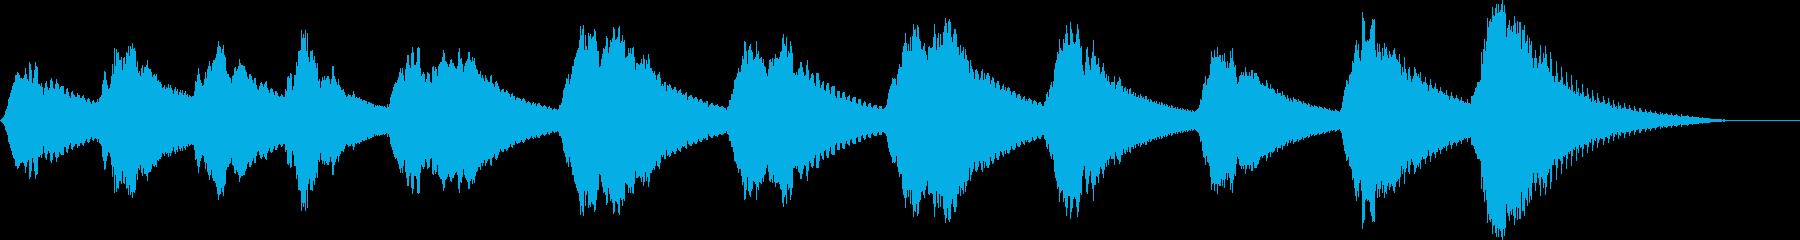 不穏な空気・心霊BGMの再生済みの波形